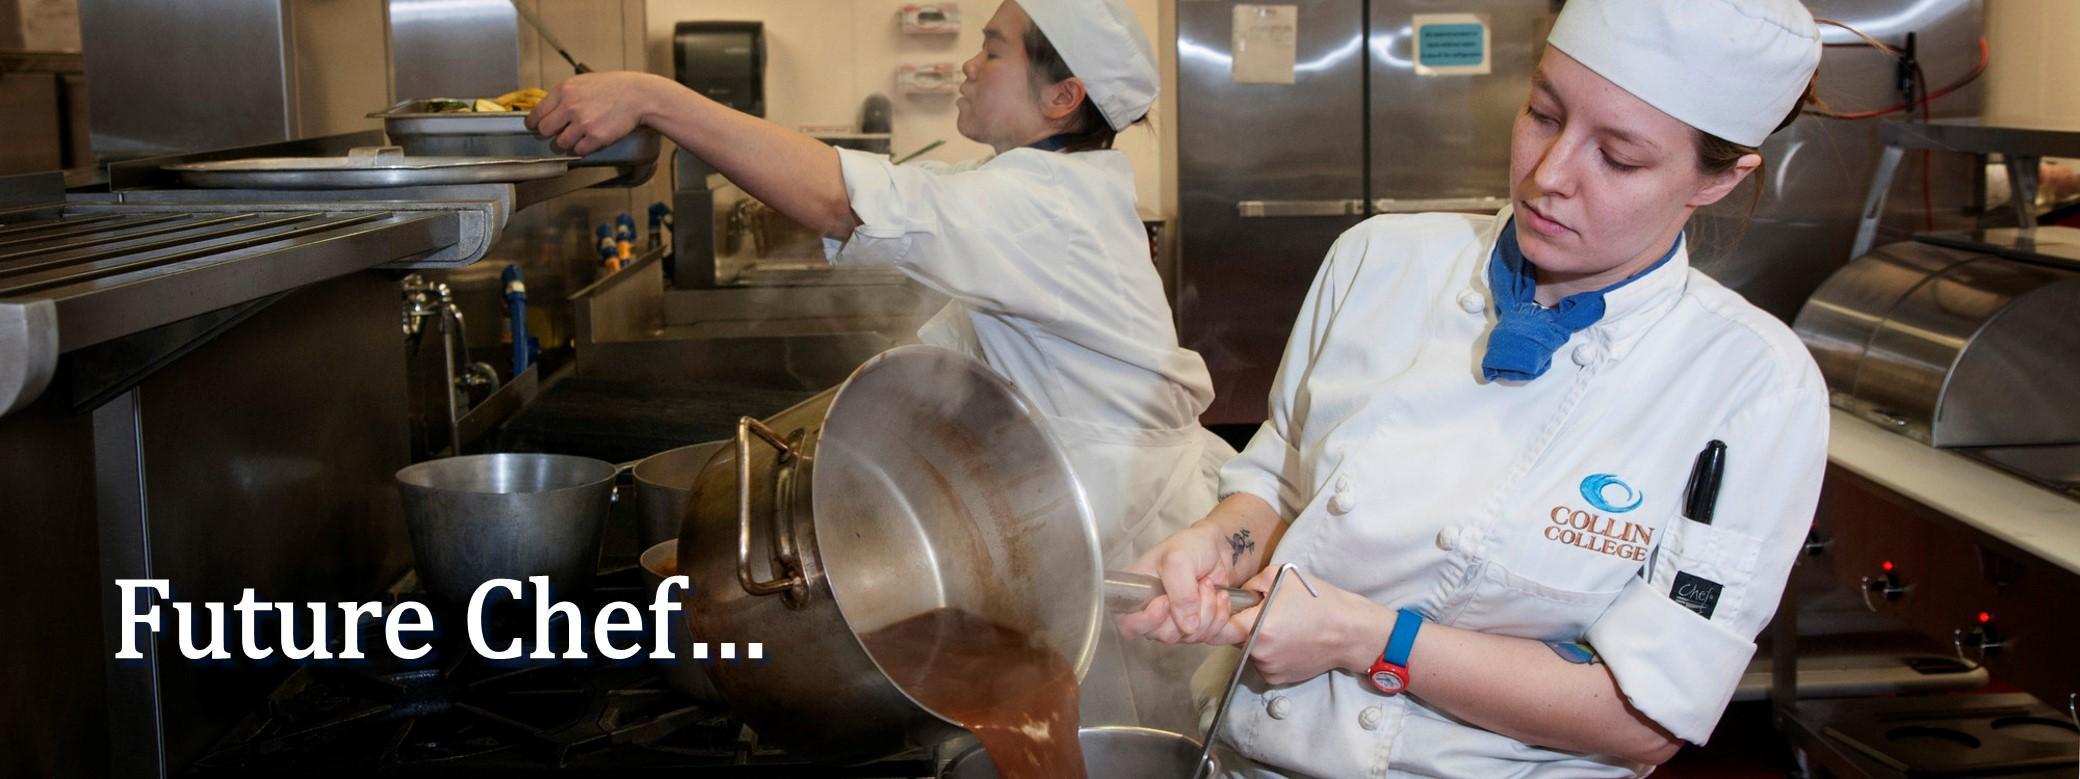 Future chef . . .